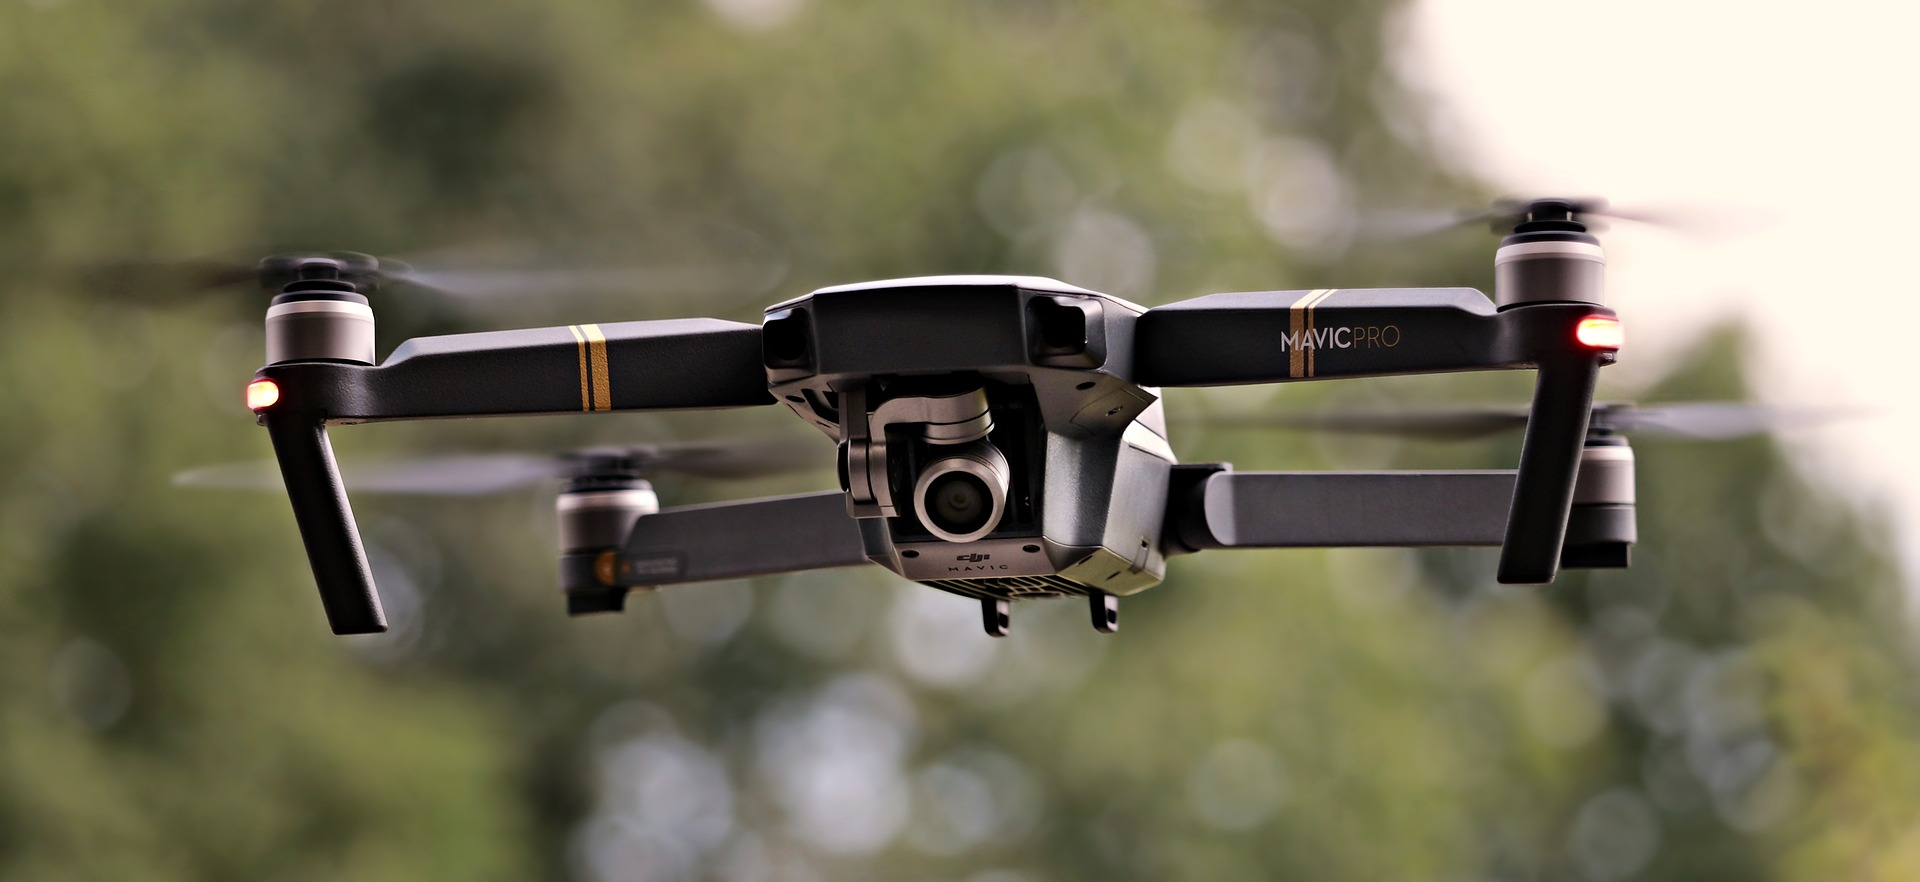 Tytuł: Drony w Marketingu Nieruchomości. Kupić, Czy Wynająć?